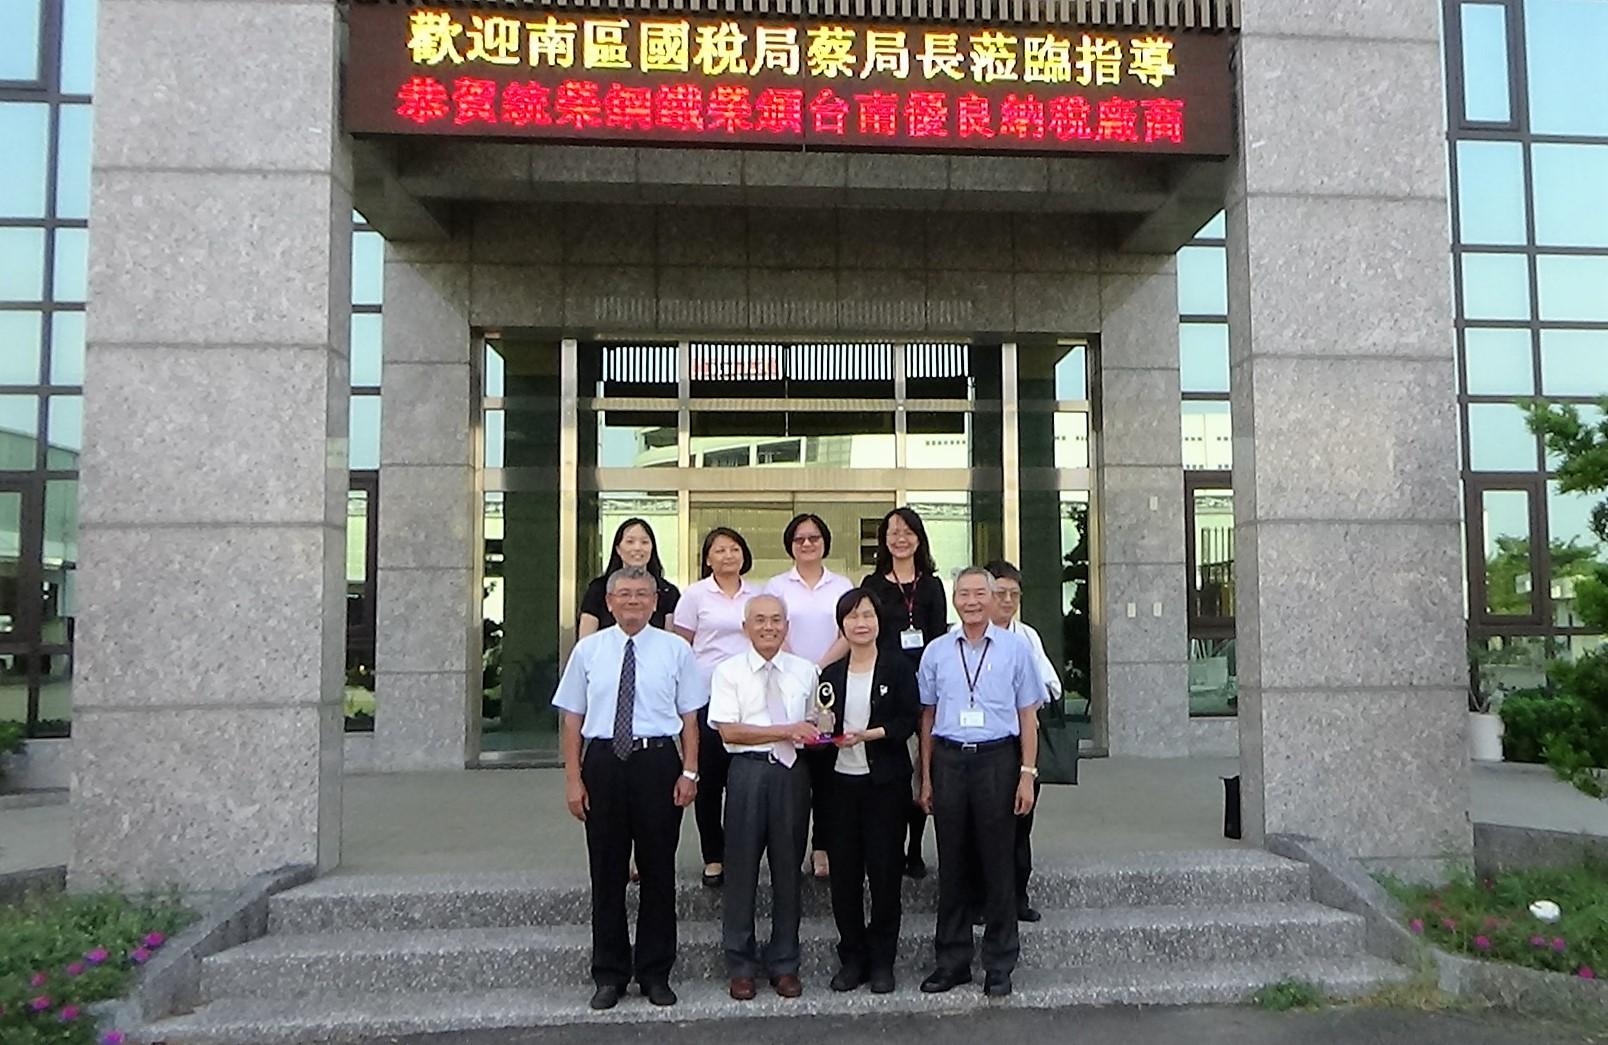 台南市國稅局頒獎